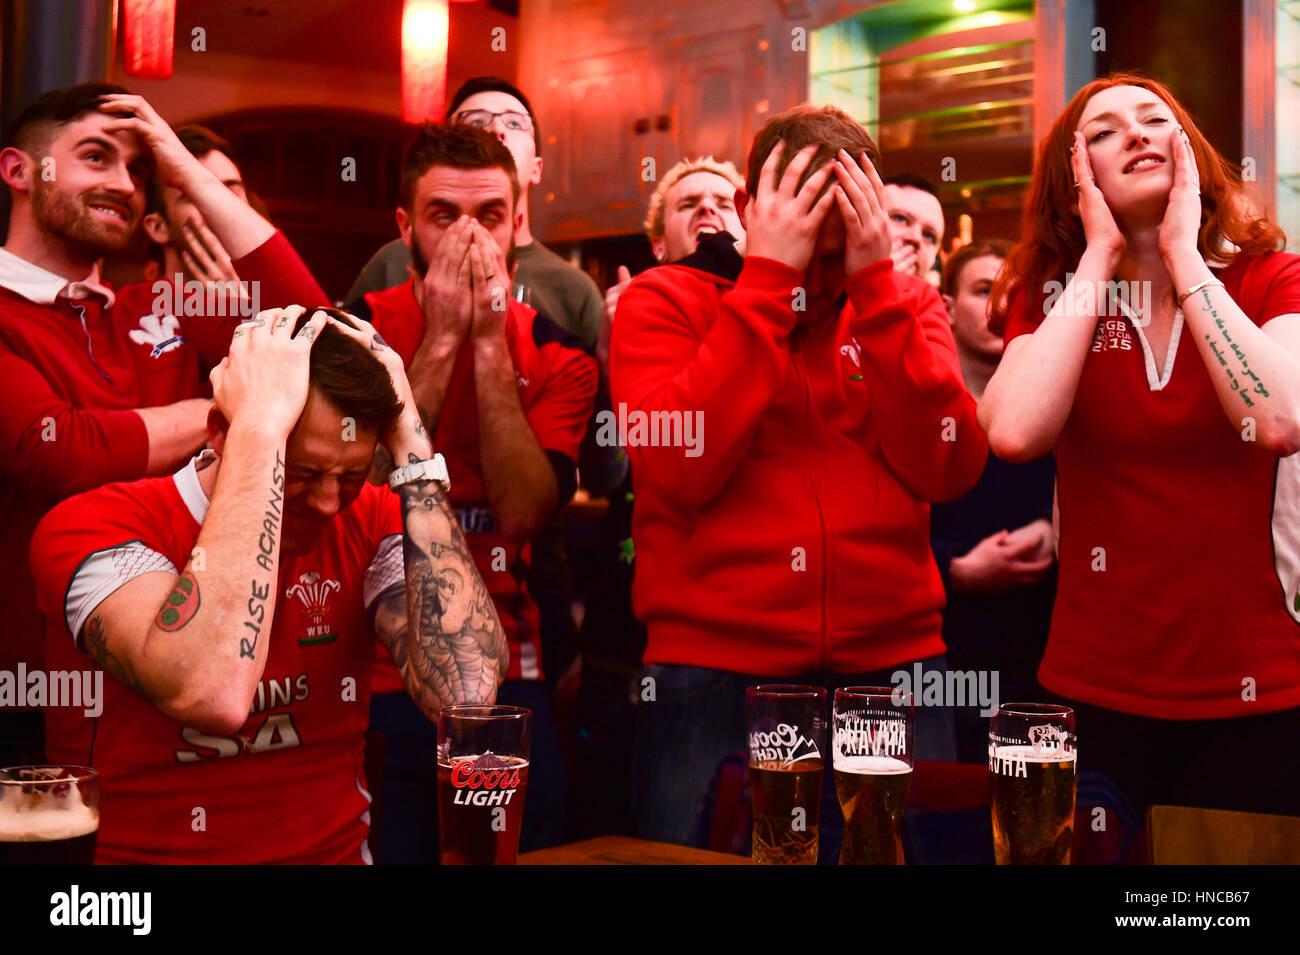 Regno Unito Sport: sconsolato rugby fan di guardare il Galles giocando contro l'Inghilterra del Sei Nazioni Immagini Stock